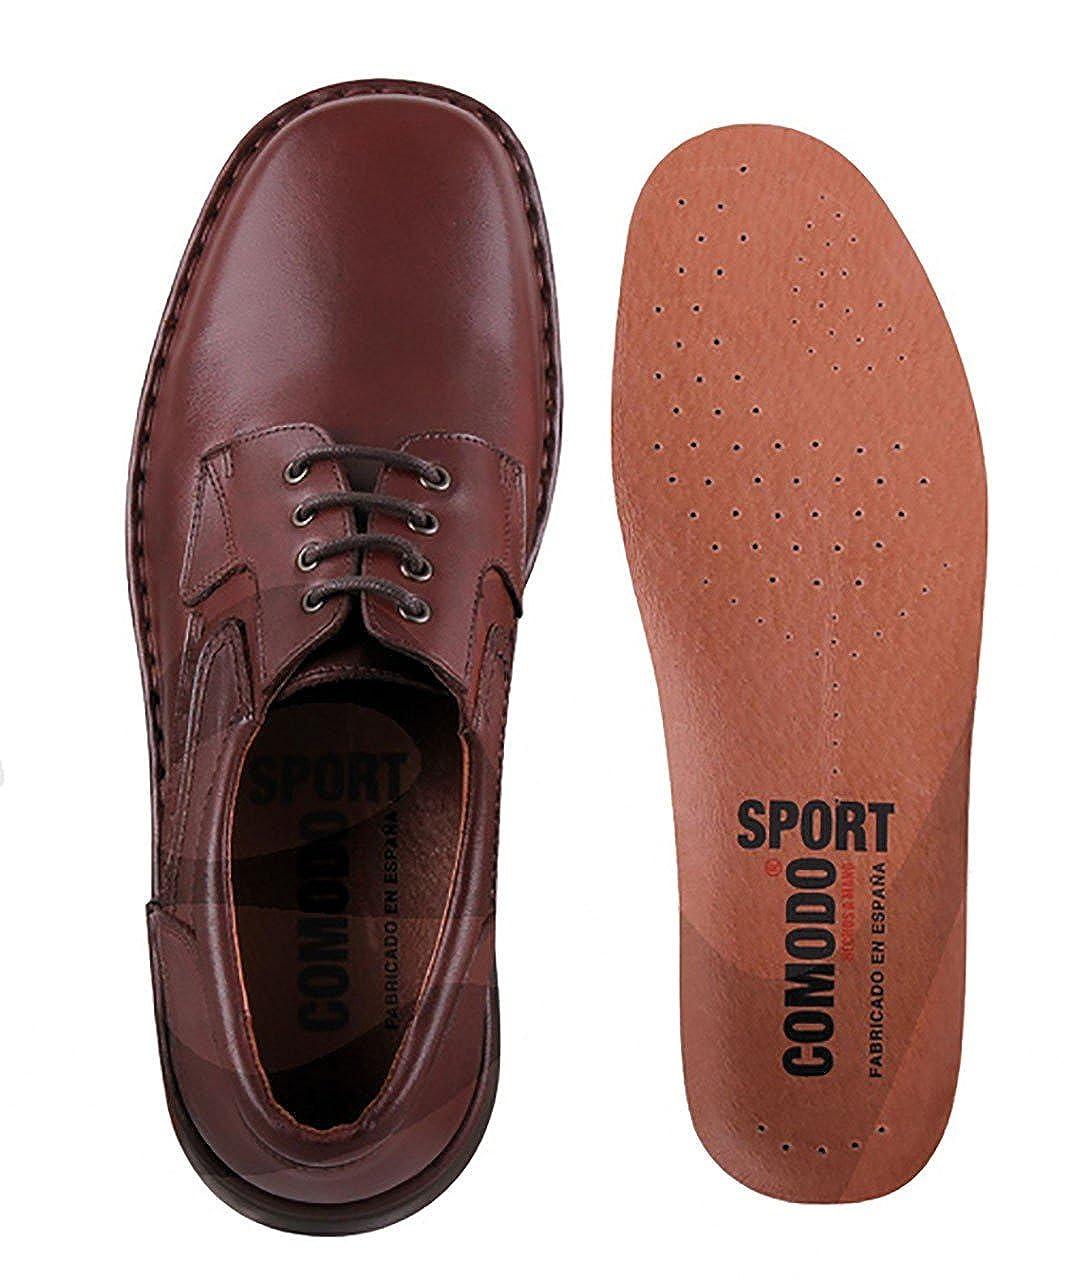 340a2f81 Comodos Sport - 6003 - Zapato Caballero Piel: Amazon.es: Zapatos y  complementos